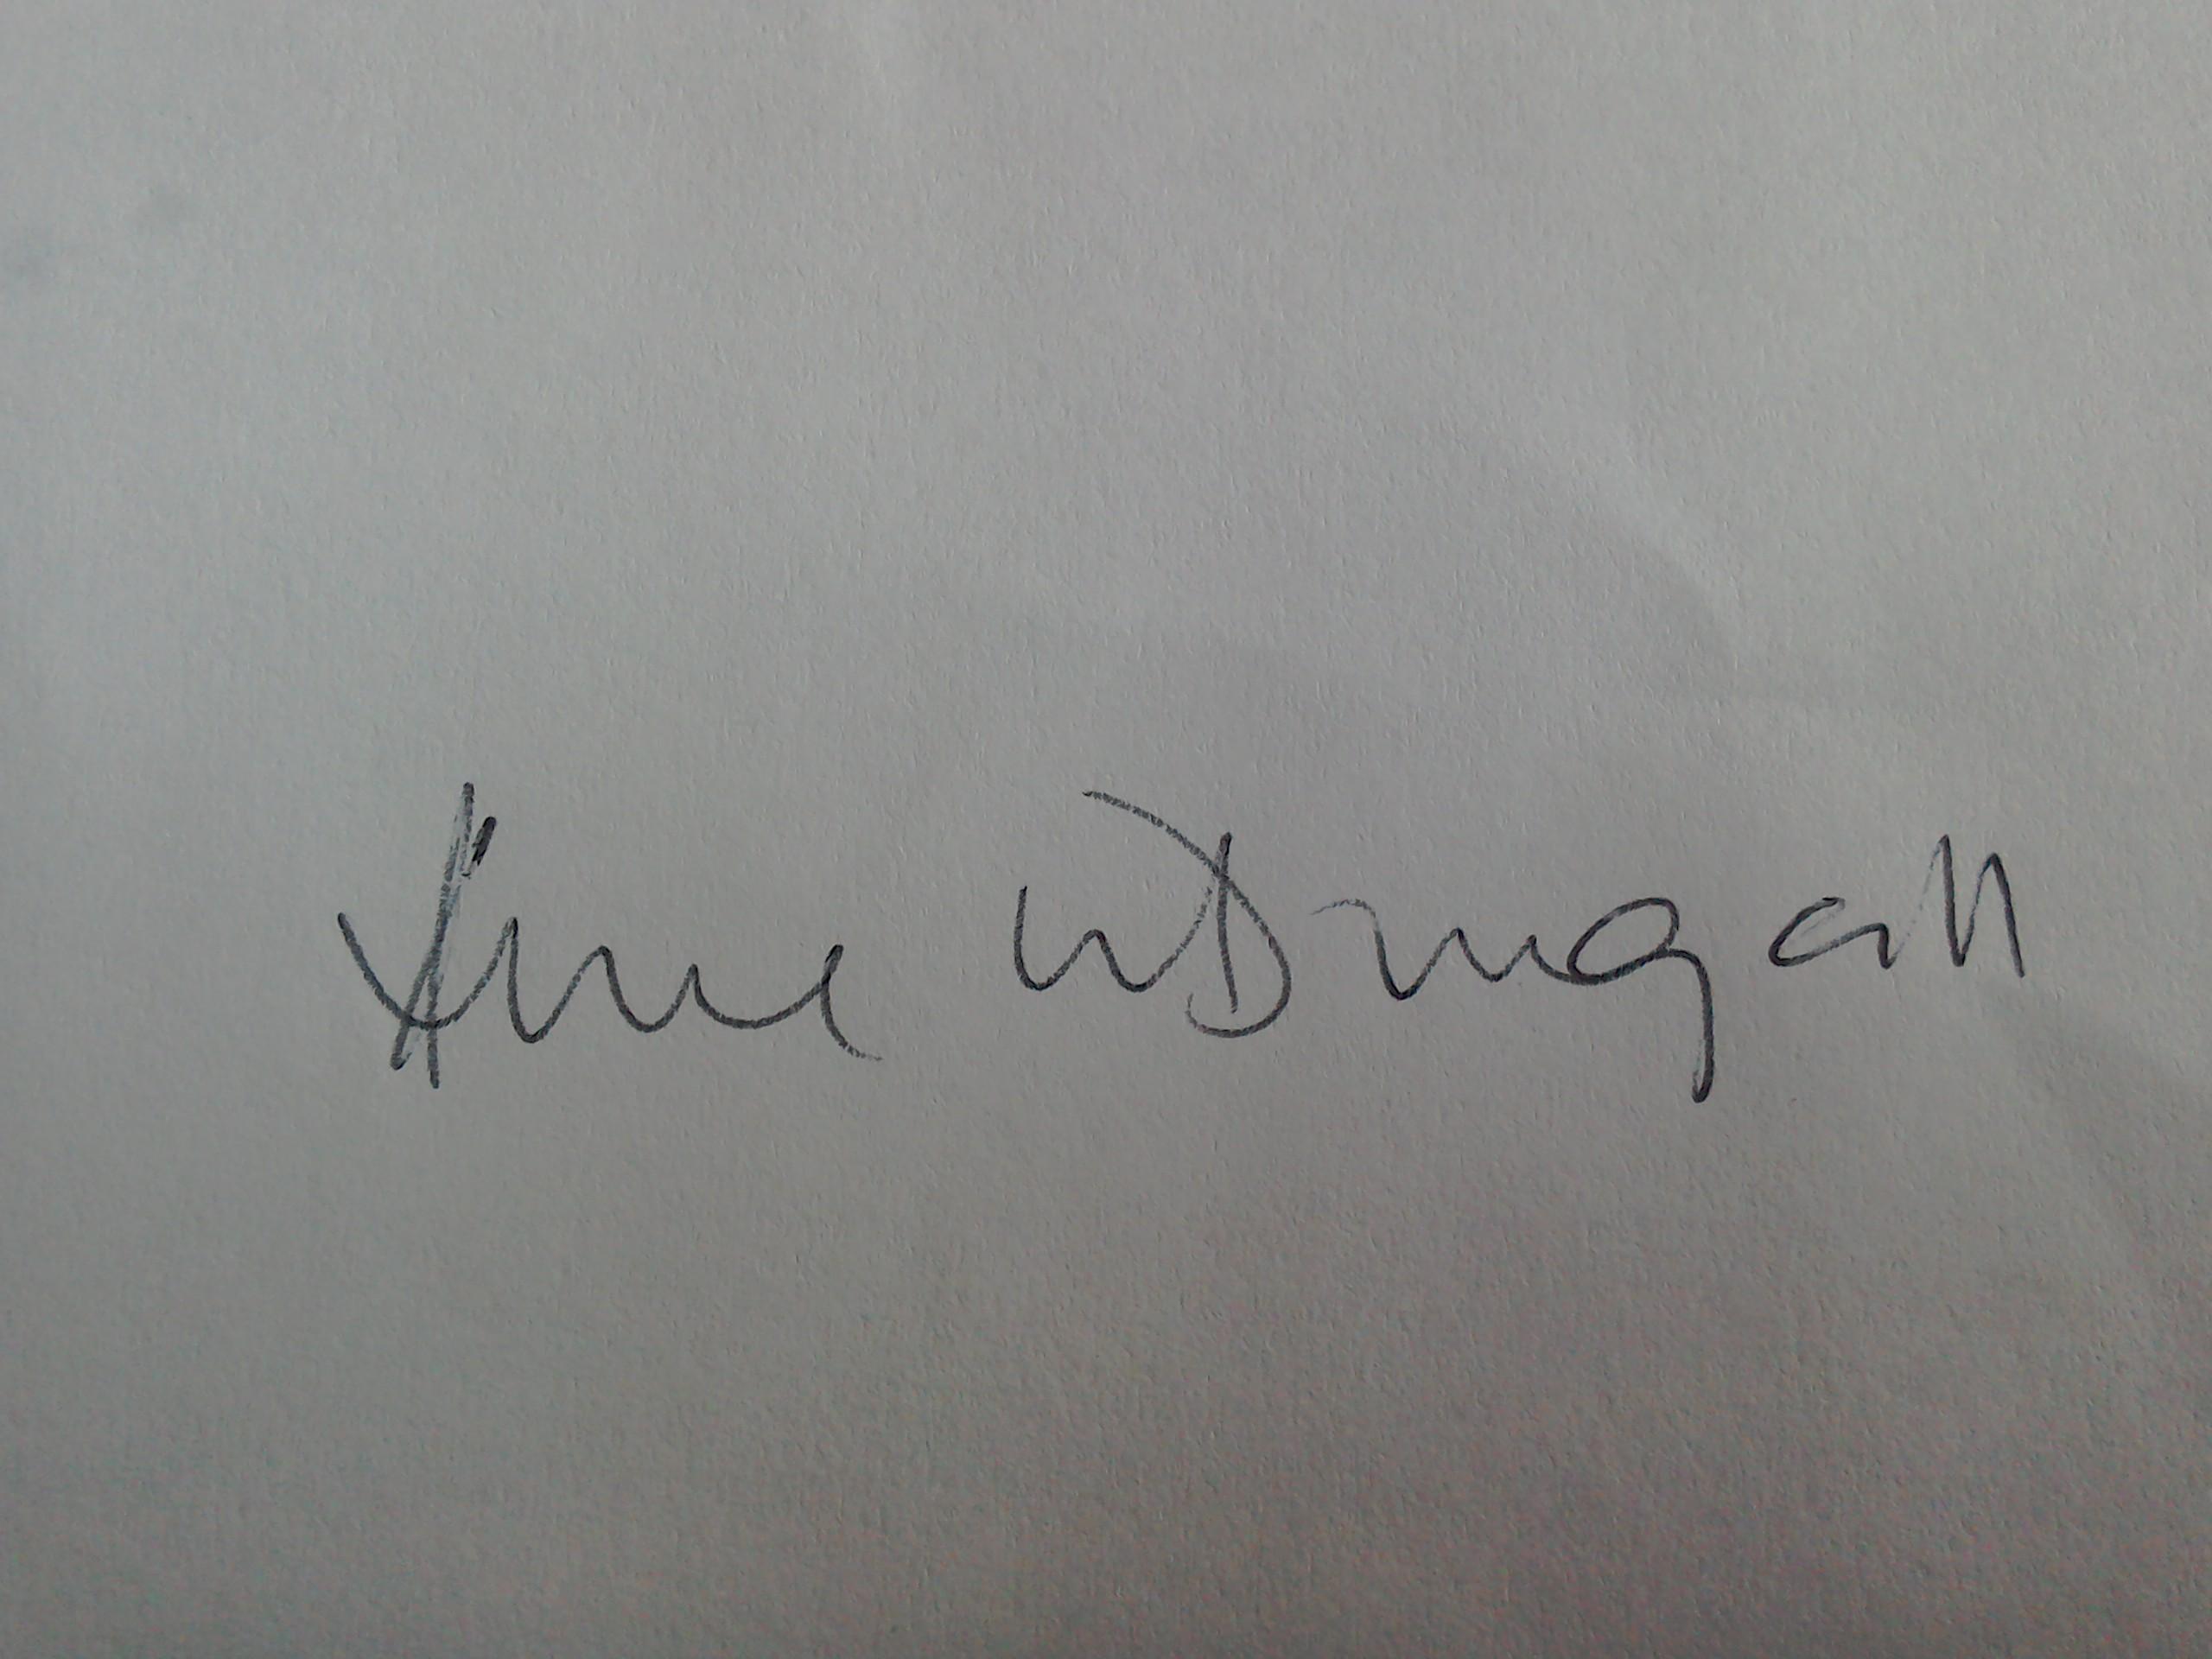 Anne Mcdougall Signature